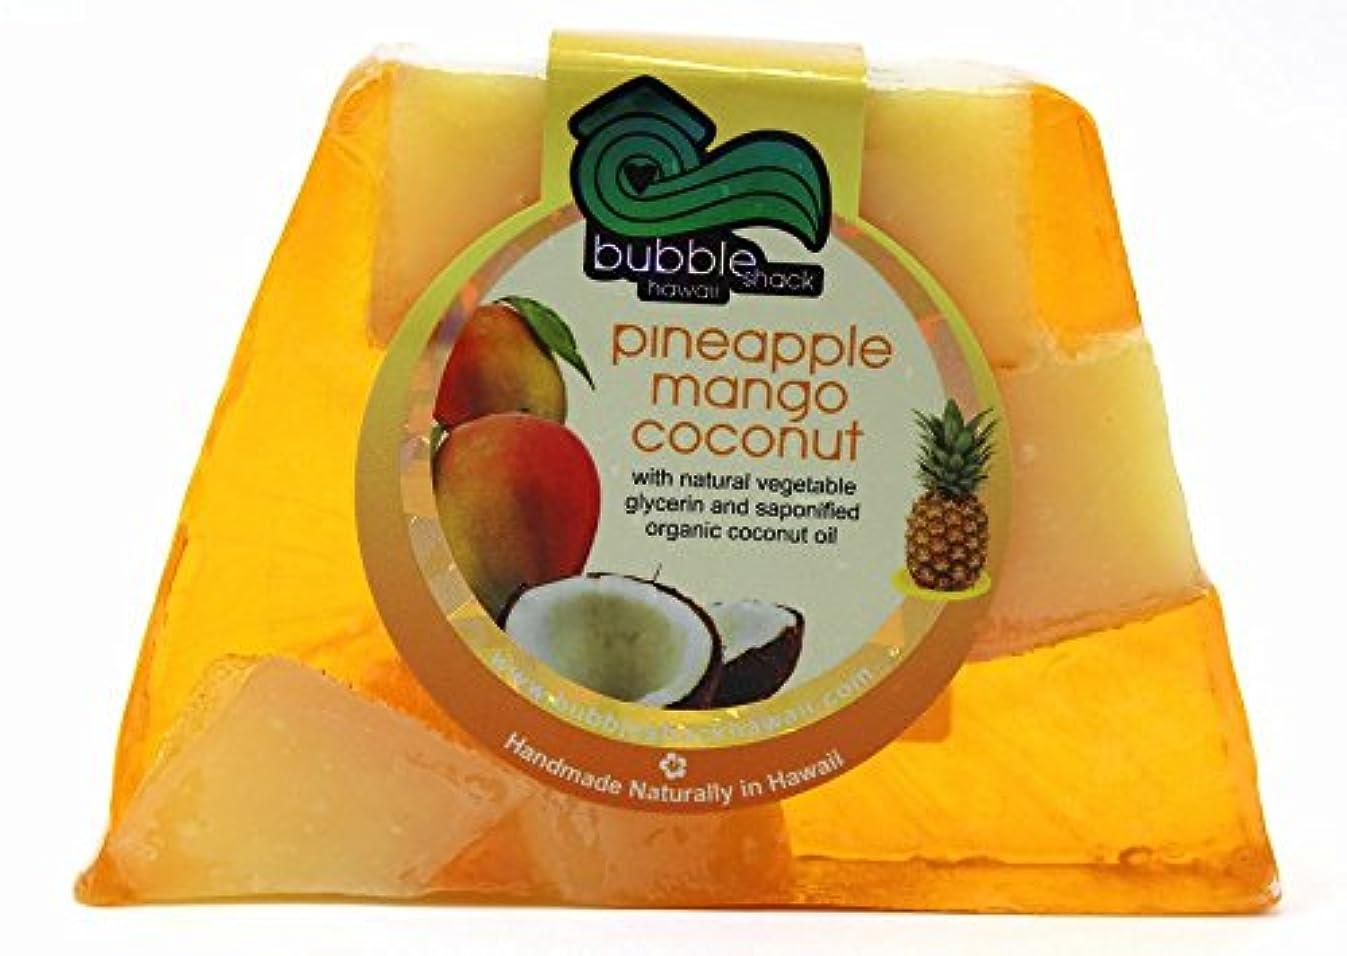 どちらもヨーグルトリークハワイ お土産 ハワイアン雑貨 バブルシャック パイナップル チャンクソープ 石鹸 (マンゴーココナッツ) ハワイ雑貨